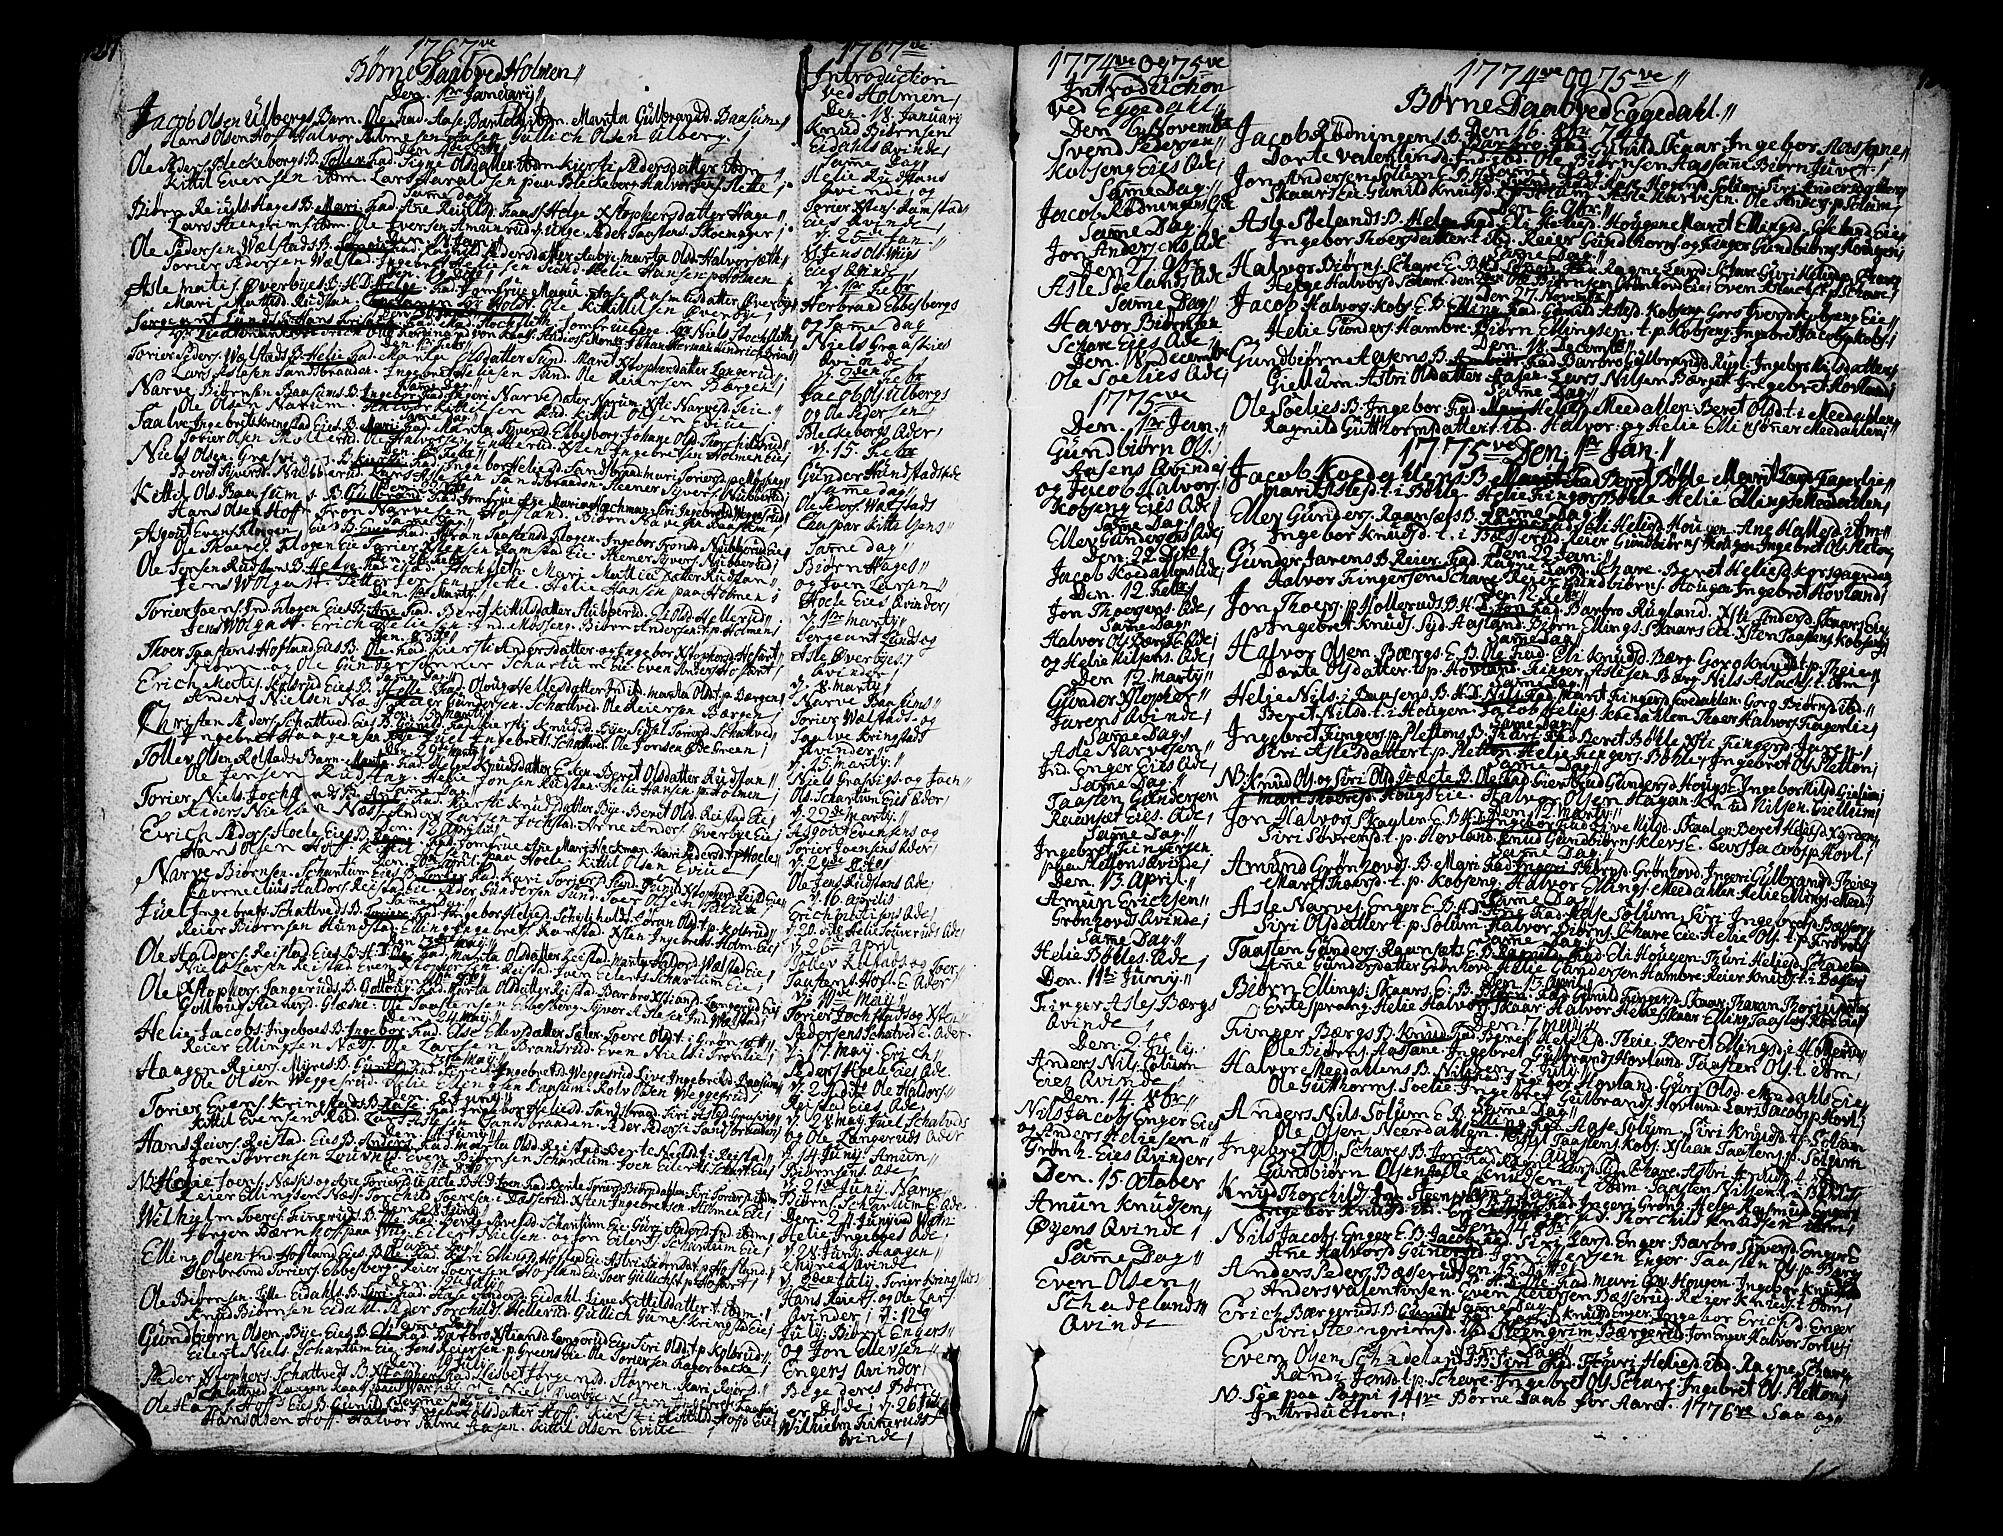 SAKO, Sigdal kirkebøker, F/Fa/L0001: Ministerialbok nr. I 1, 1722-1777, s. 127-128